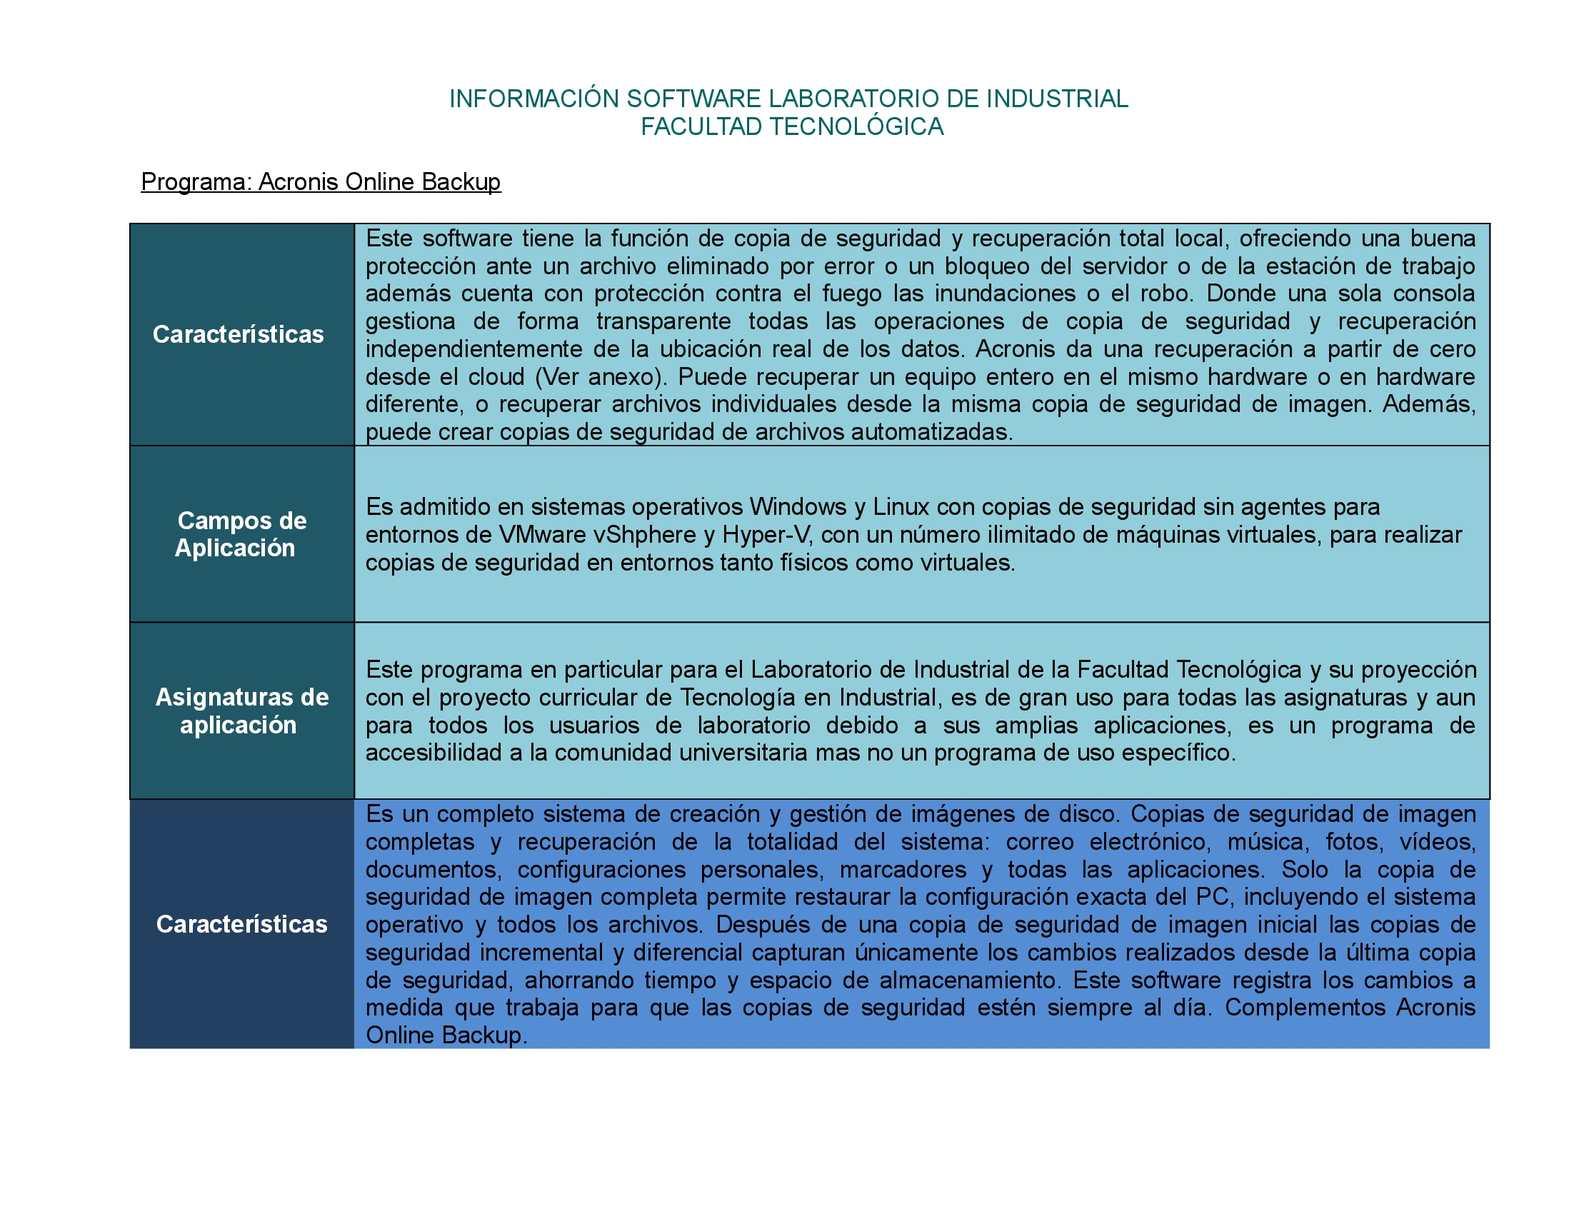 Calaméo - Fichas De Caracterizacion Laboratorio De Industrial (1)